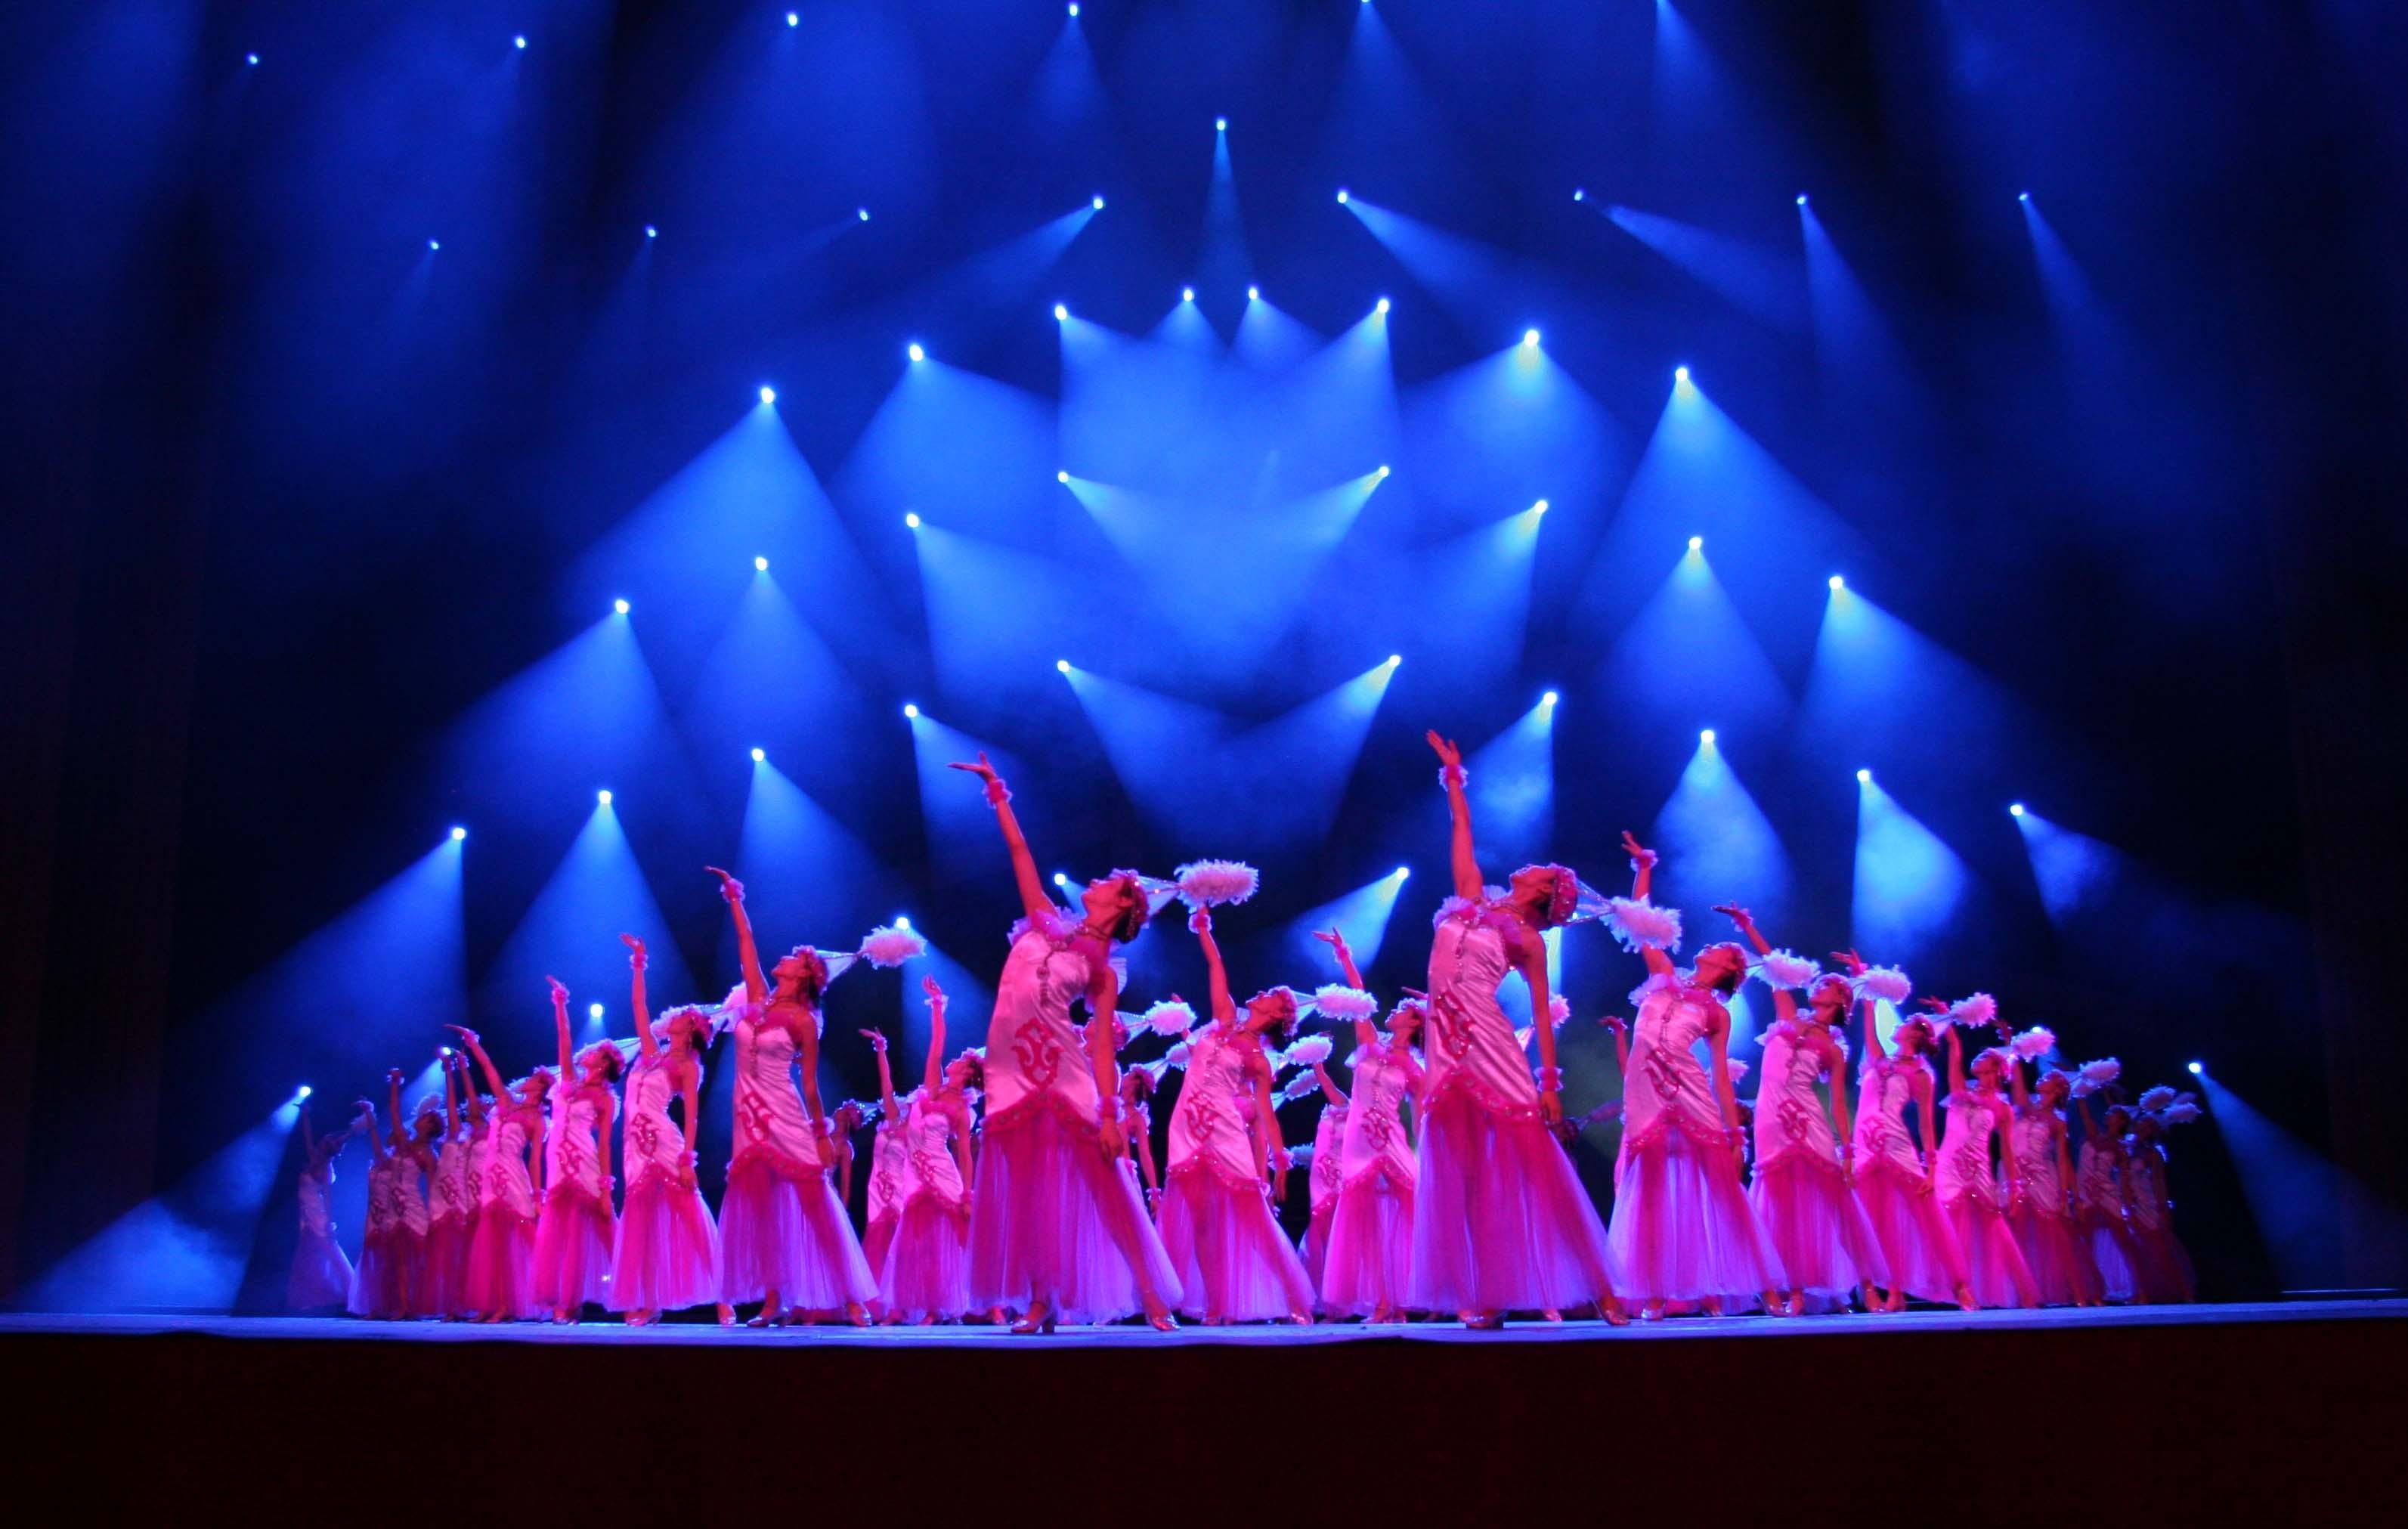 托衣舞农村大棚歌舞团 歌舞团地下演艺厅 更多精彩歌舞团